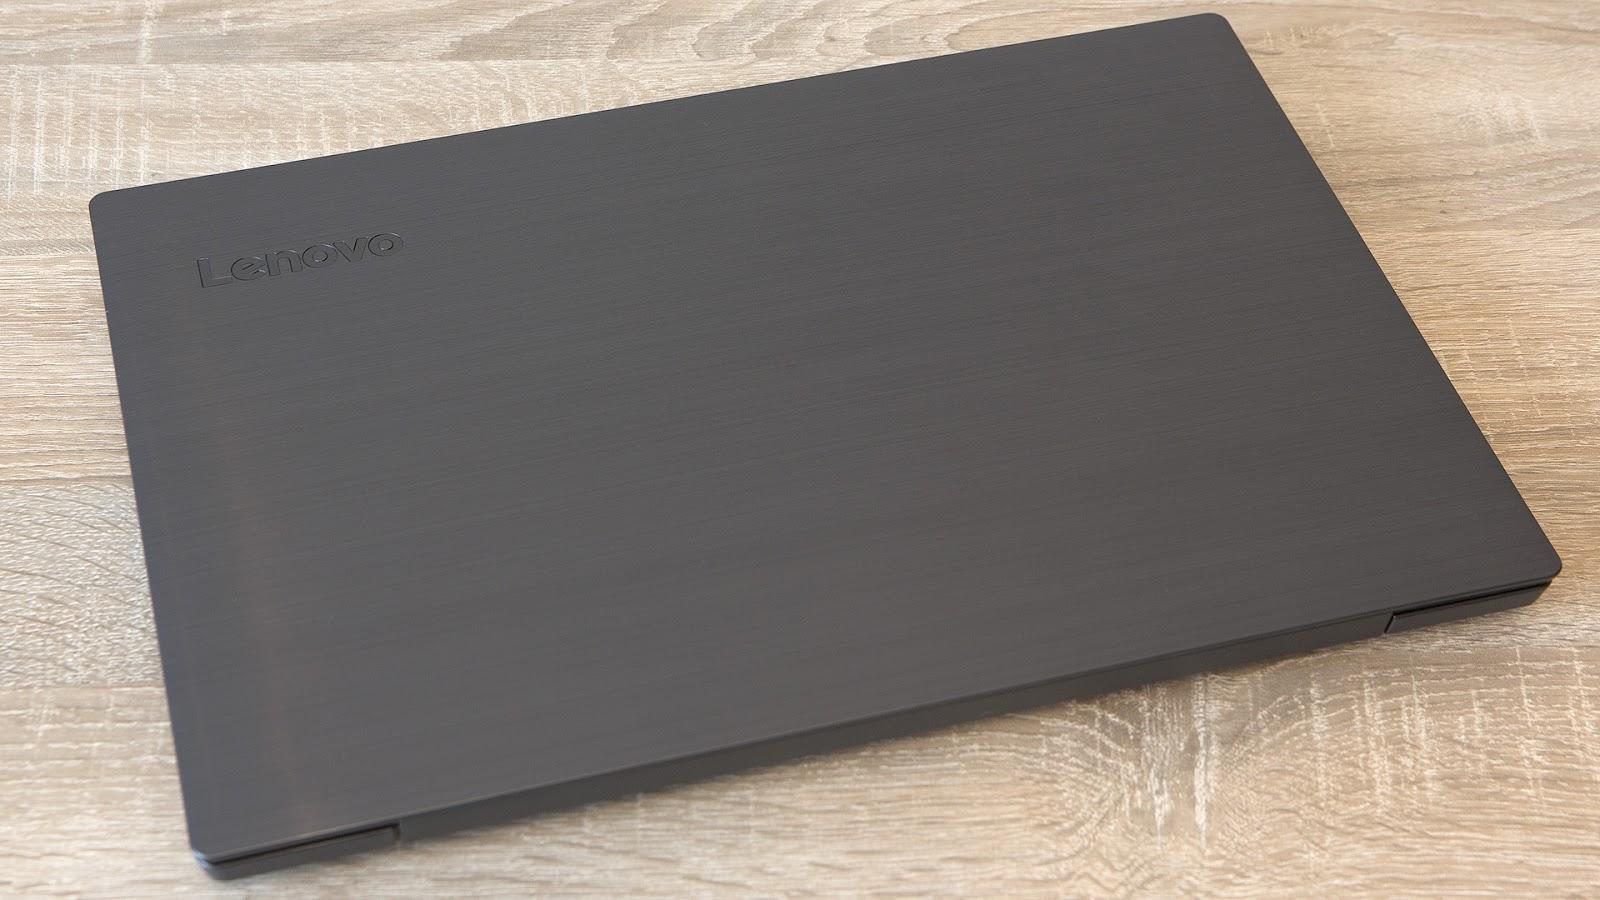 Обзор ноутбука Lenovo V330-15: надёжный офисный трудяга - 2